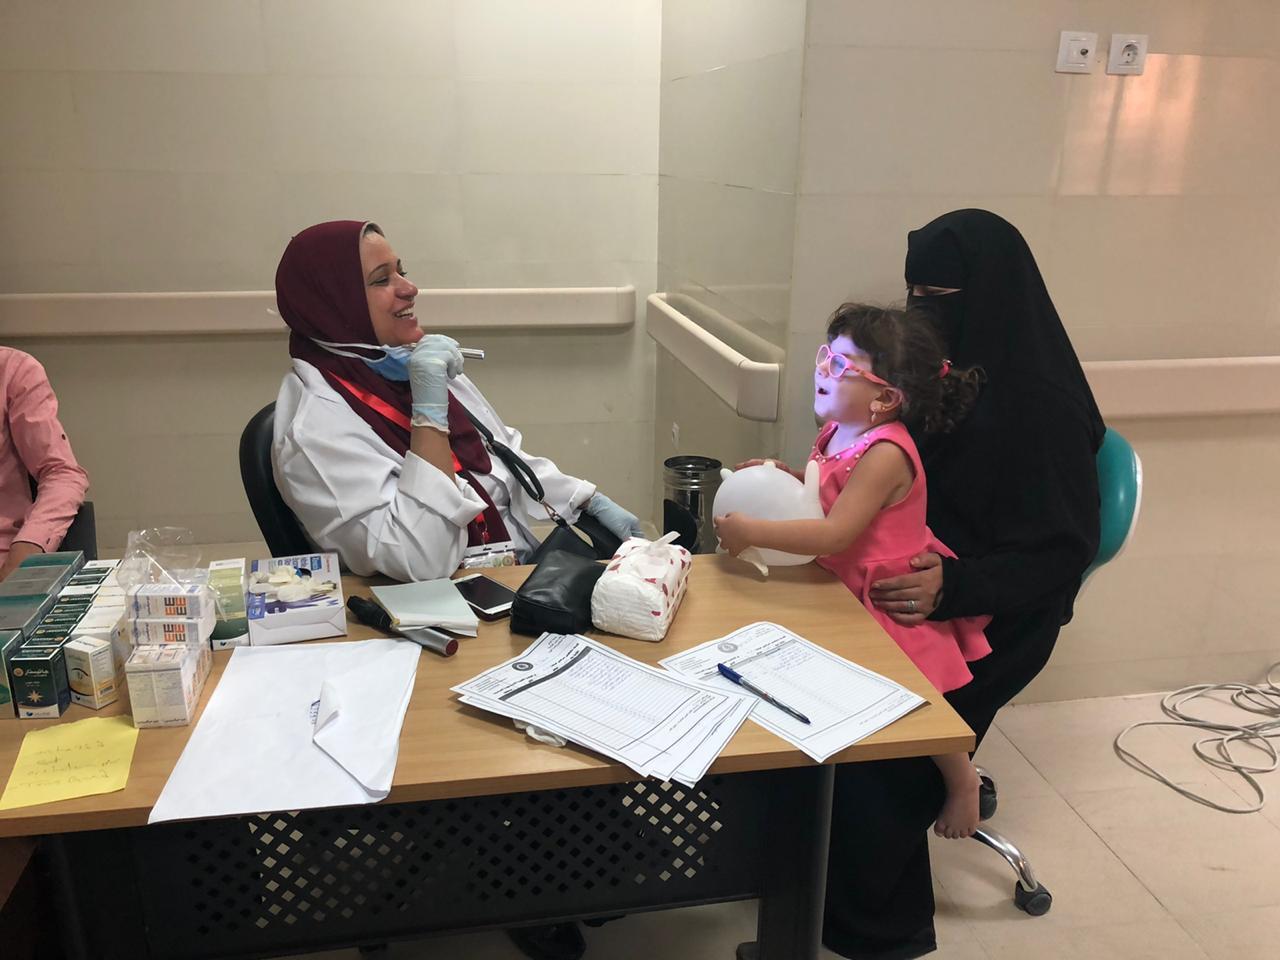 قافلة الأزهر الطبية بسيناء توقع الكشف الطبي على 1500 مريض وتوزع بطاطين ومواد غذائية على 500 أسرة